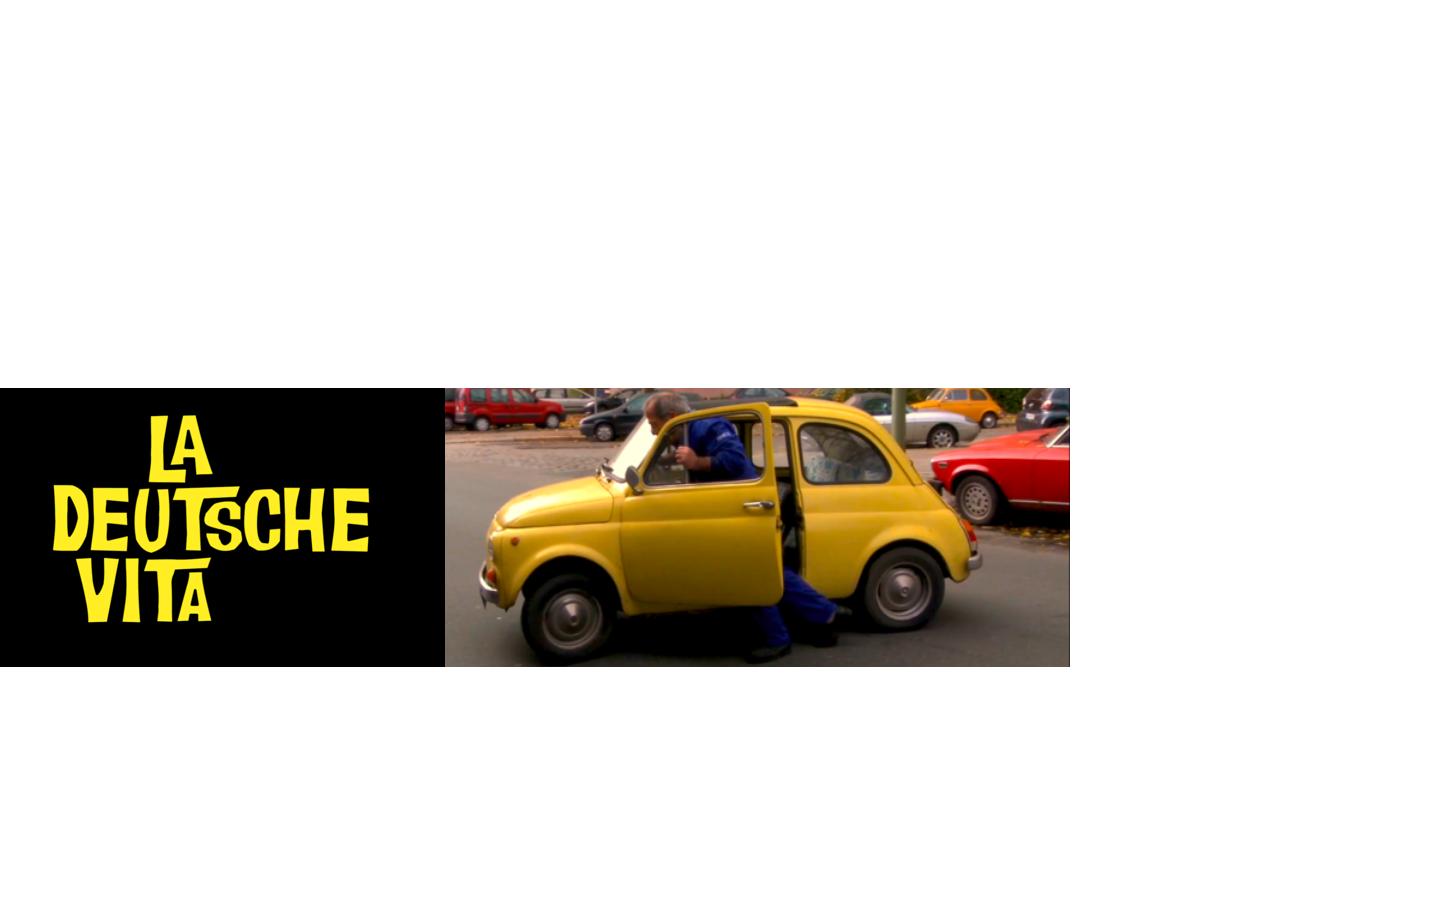 La Deutsche Vita der Film